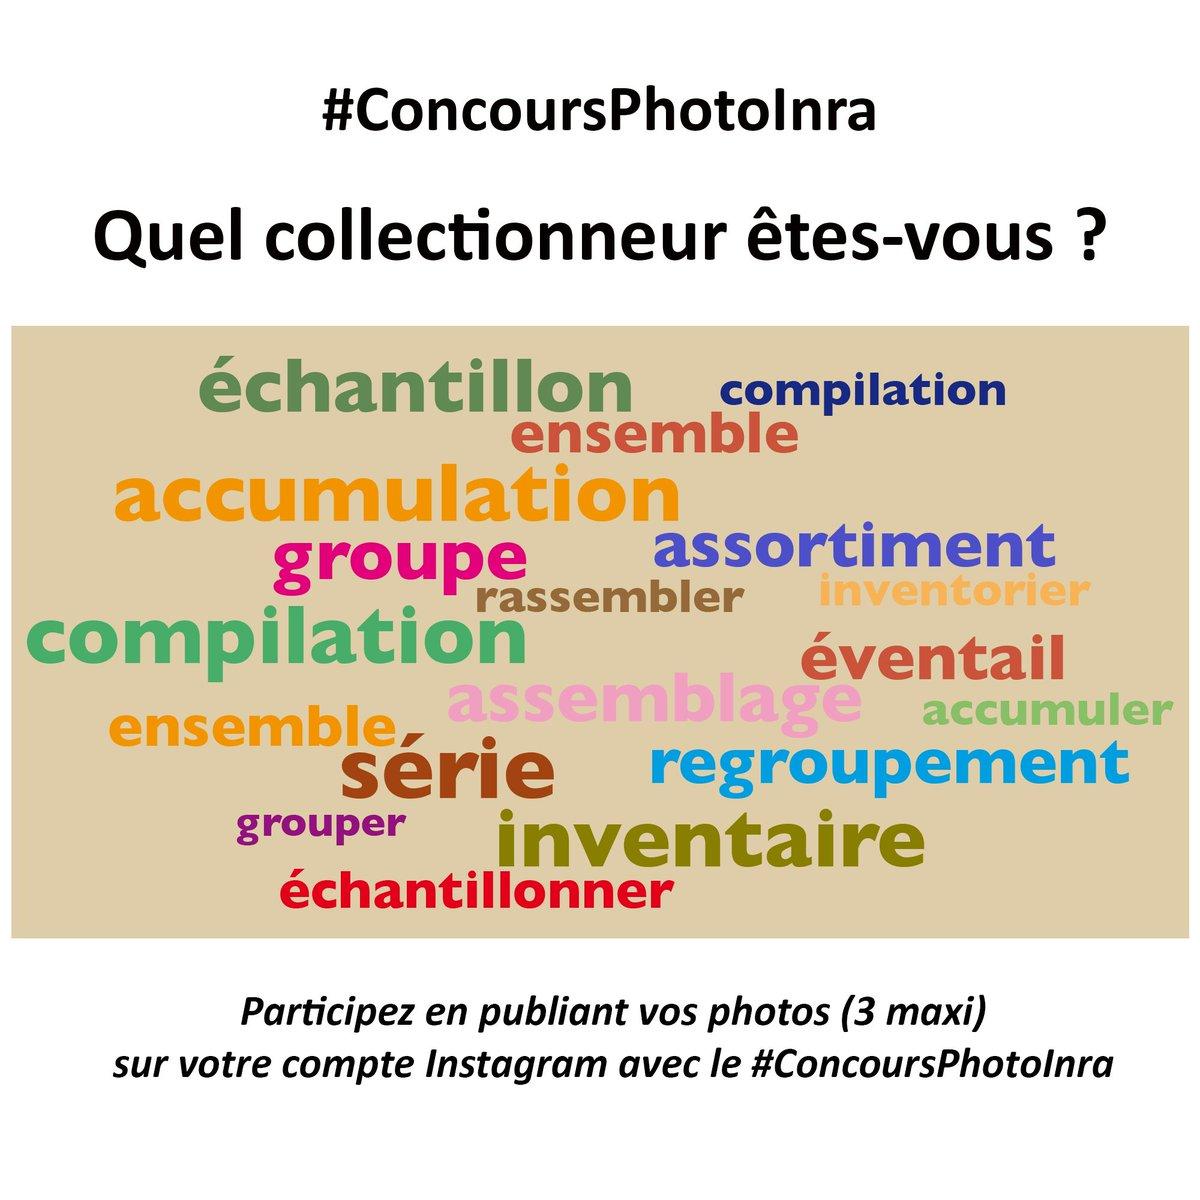 Les #RessourcesGénétiques, l'#Inra les collectionne ! Et vous quel collectionneur êtes-vous ? Participez à notre #ConcoursPhotoInra. Exprimez la notion de #collection à travers votre #photographie, postée sur Instagram & suivez-nous sur Instagram Règlement https://t.co/ZsnUga61Km